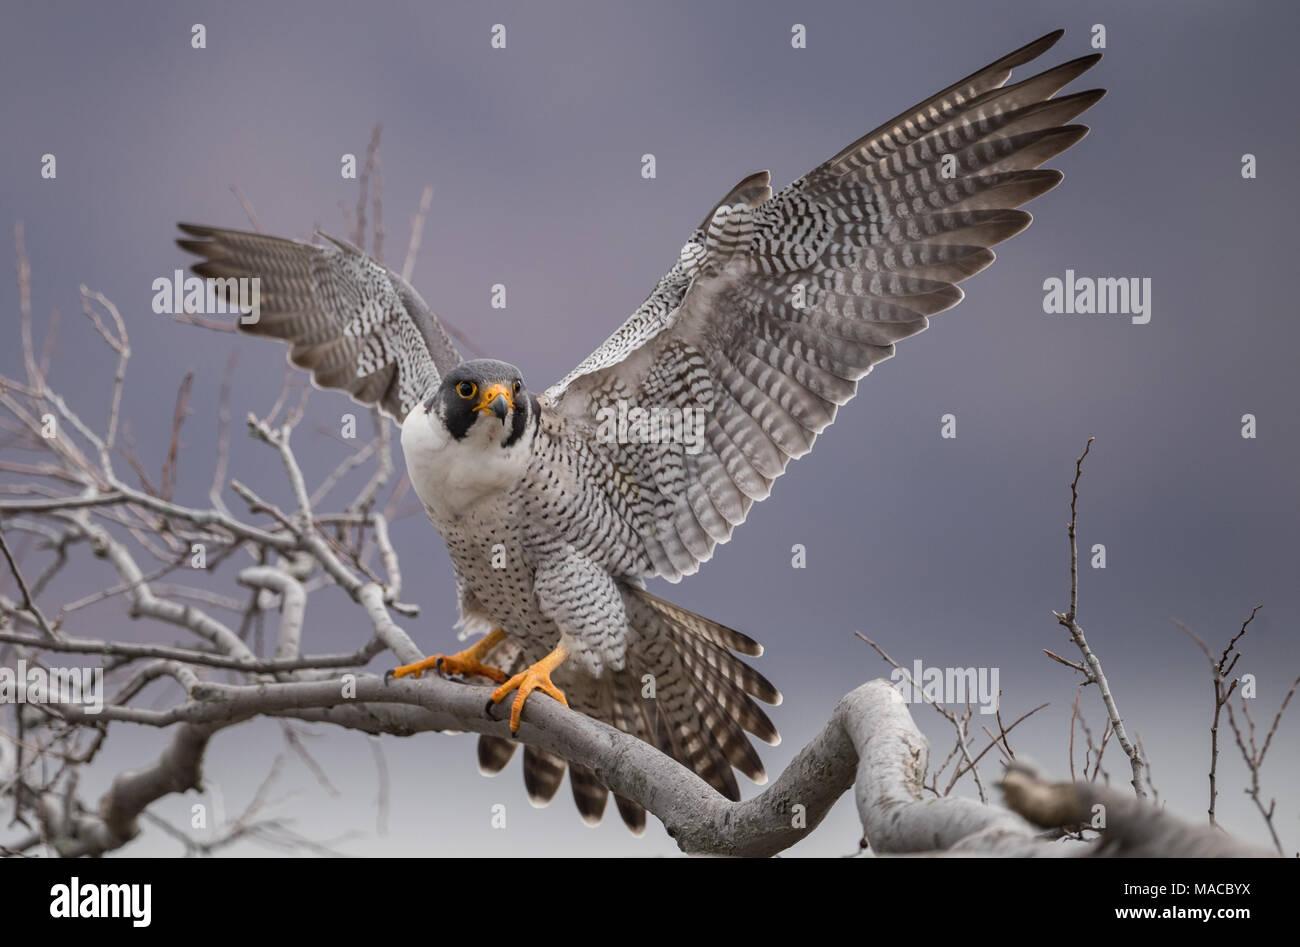 Peregrine Falcon - Stock Image